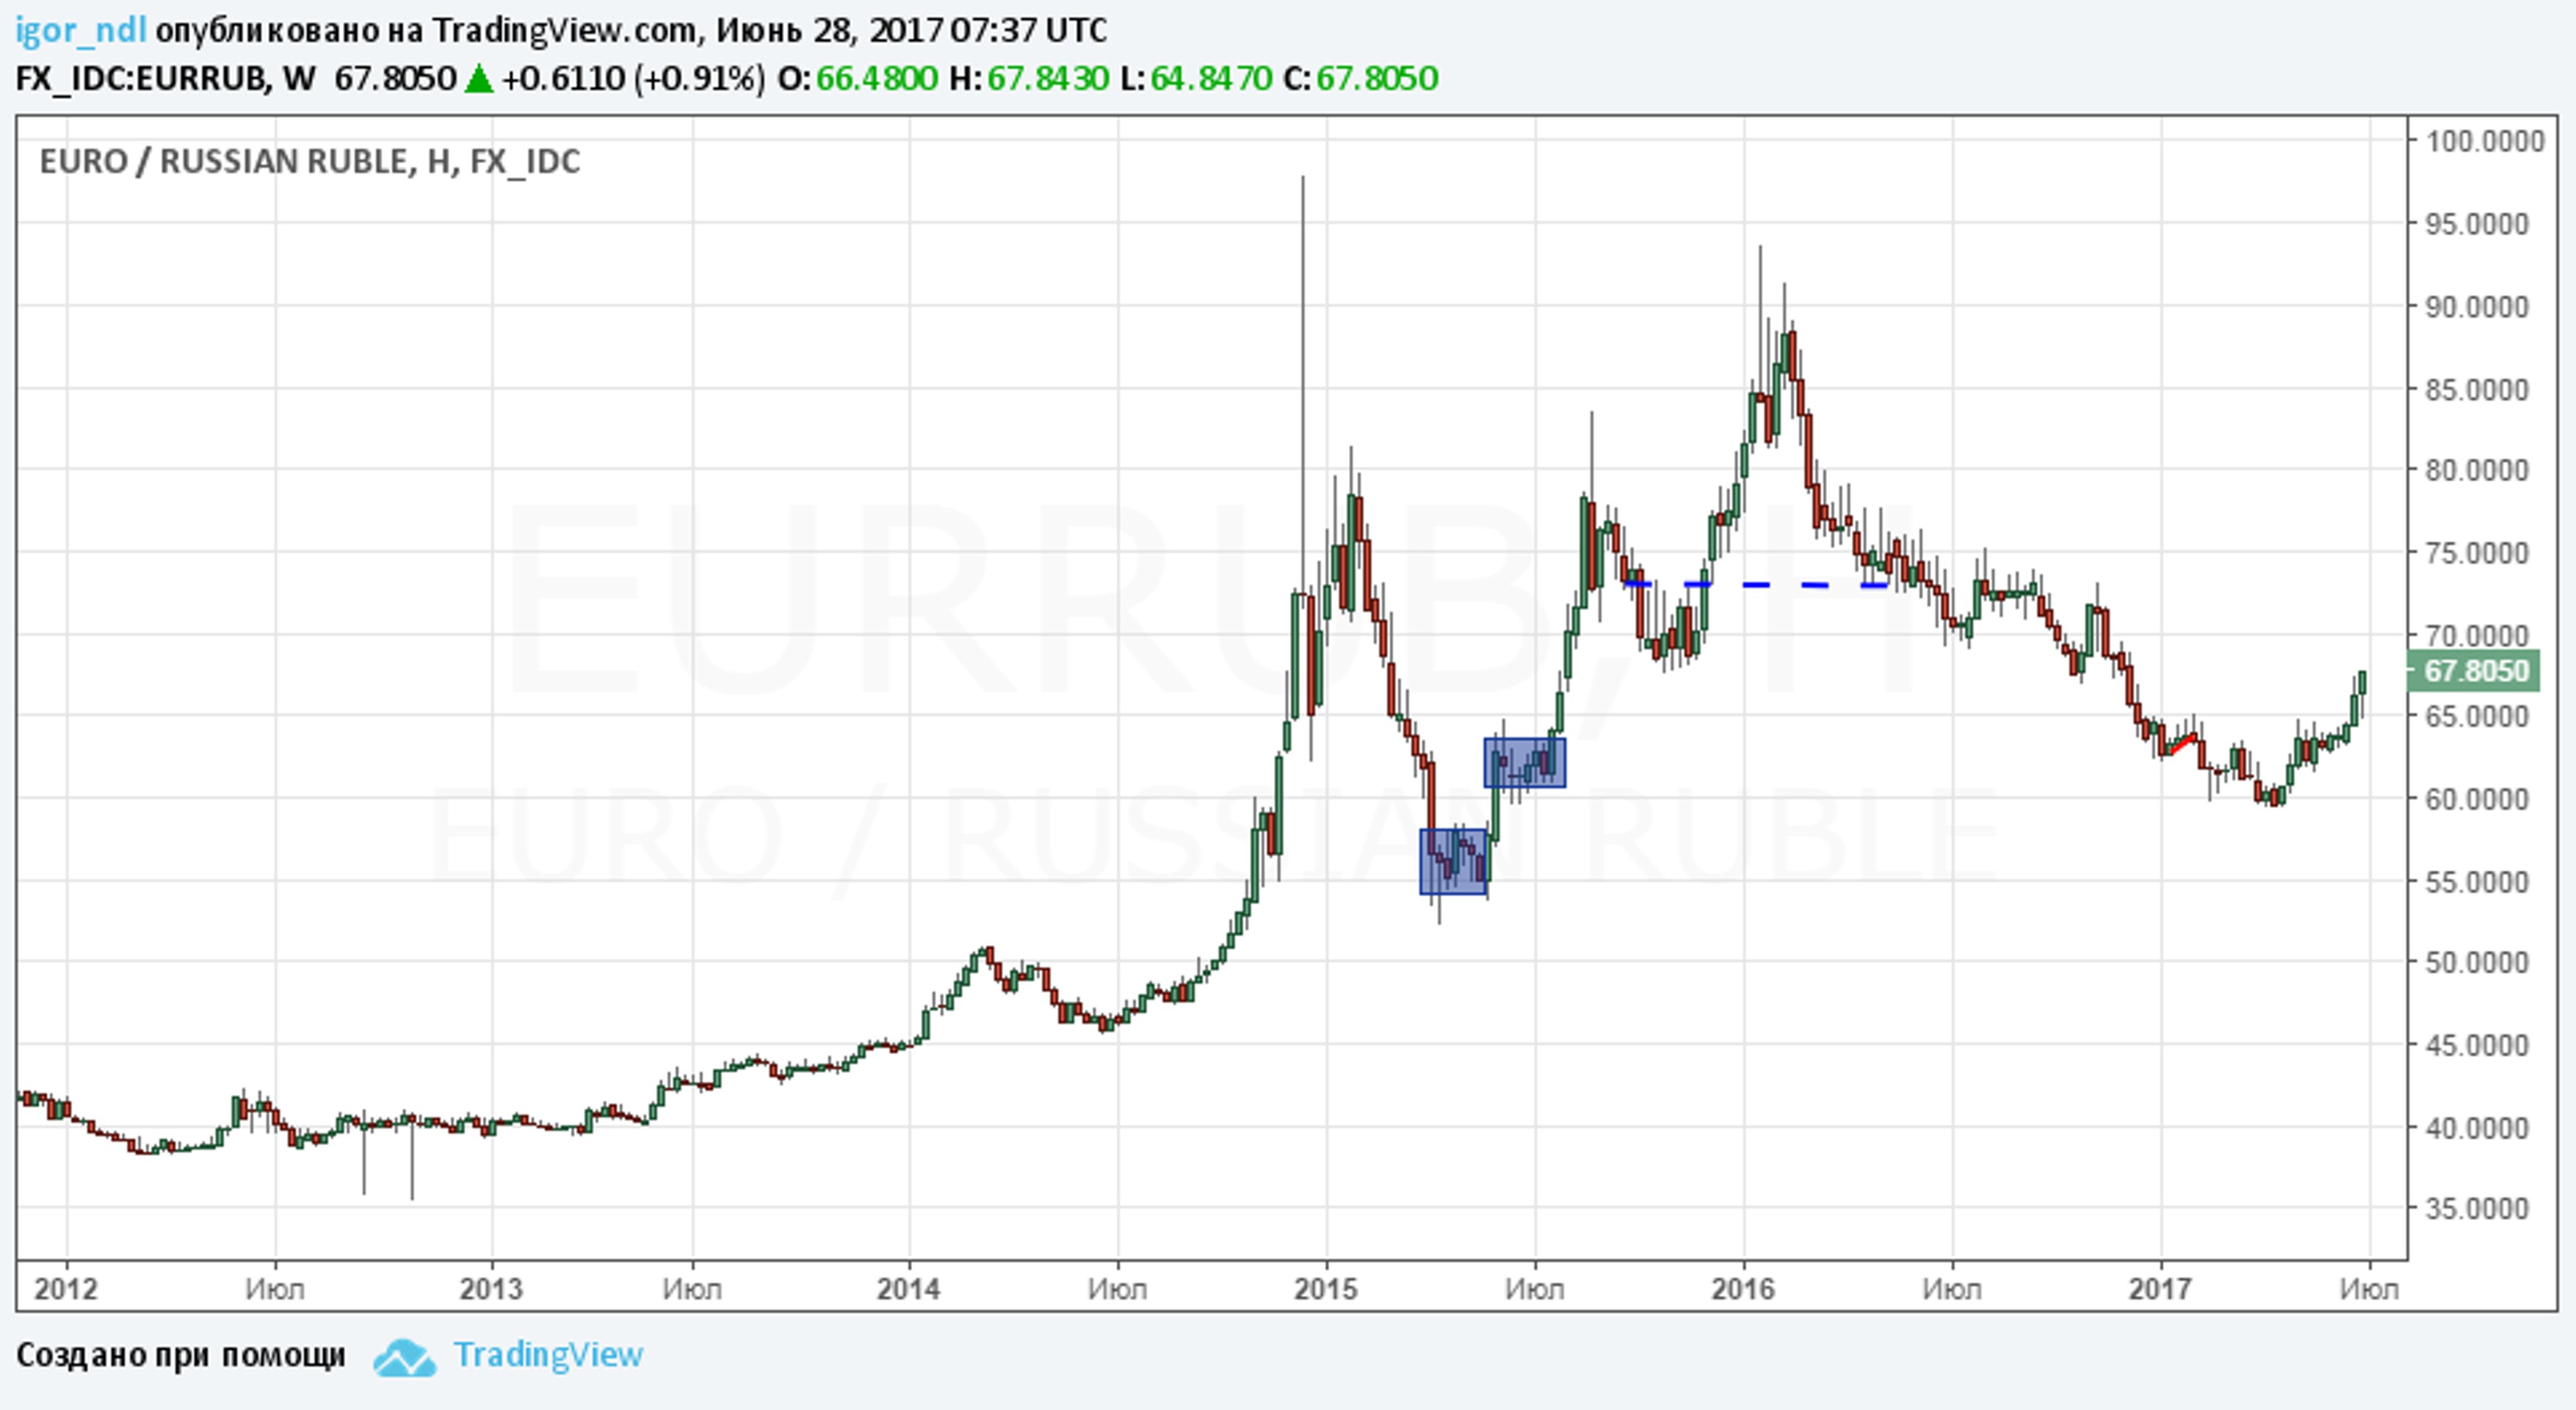 Рубль снова падает. Что с этим делать?